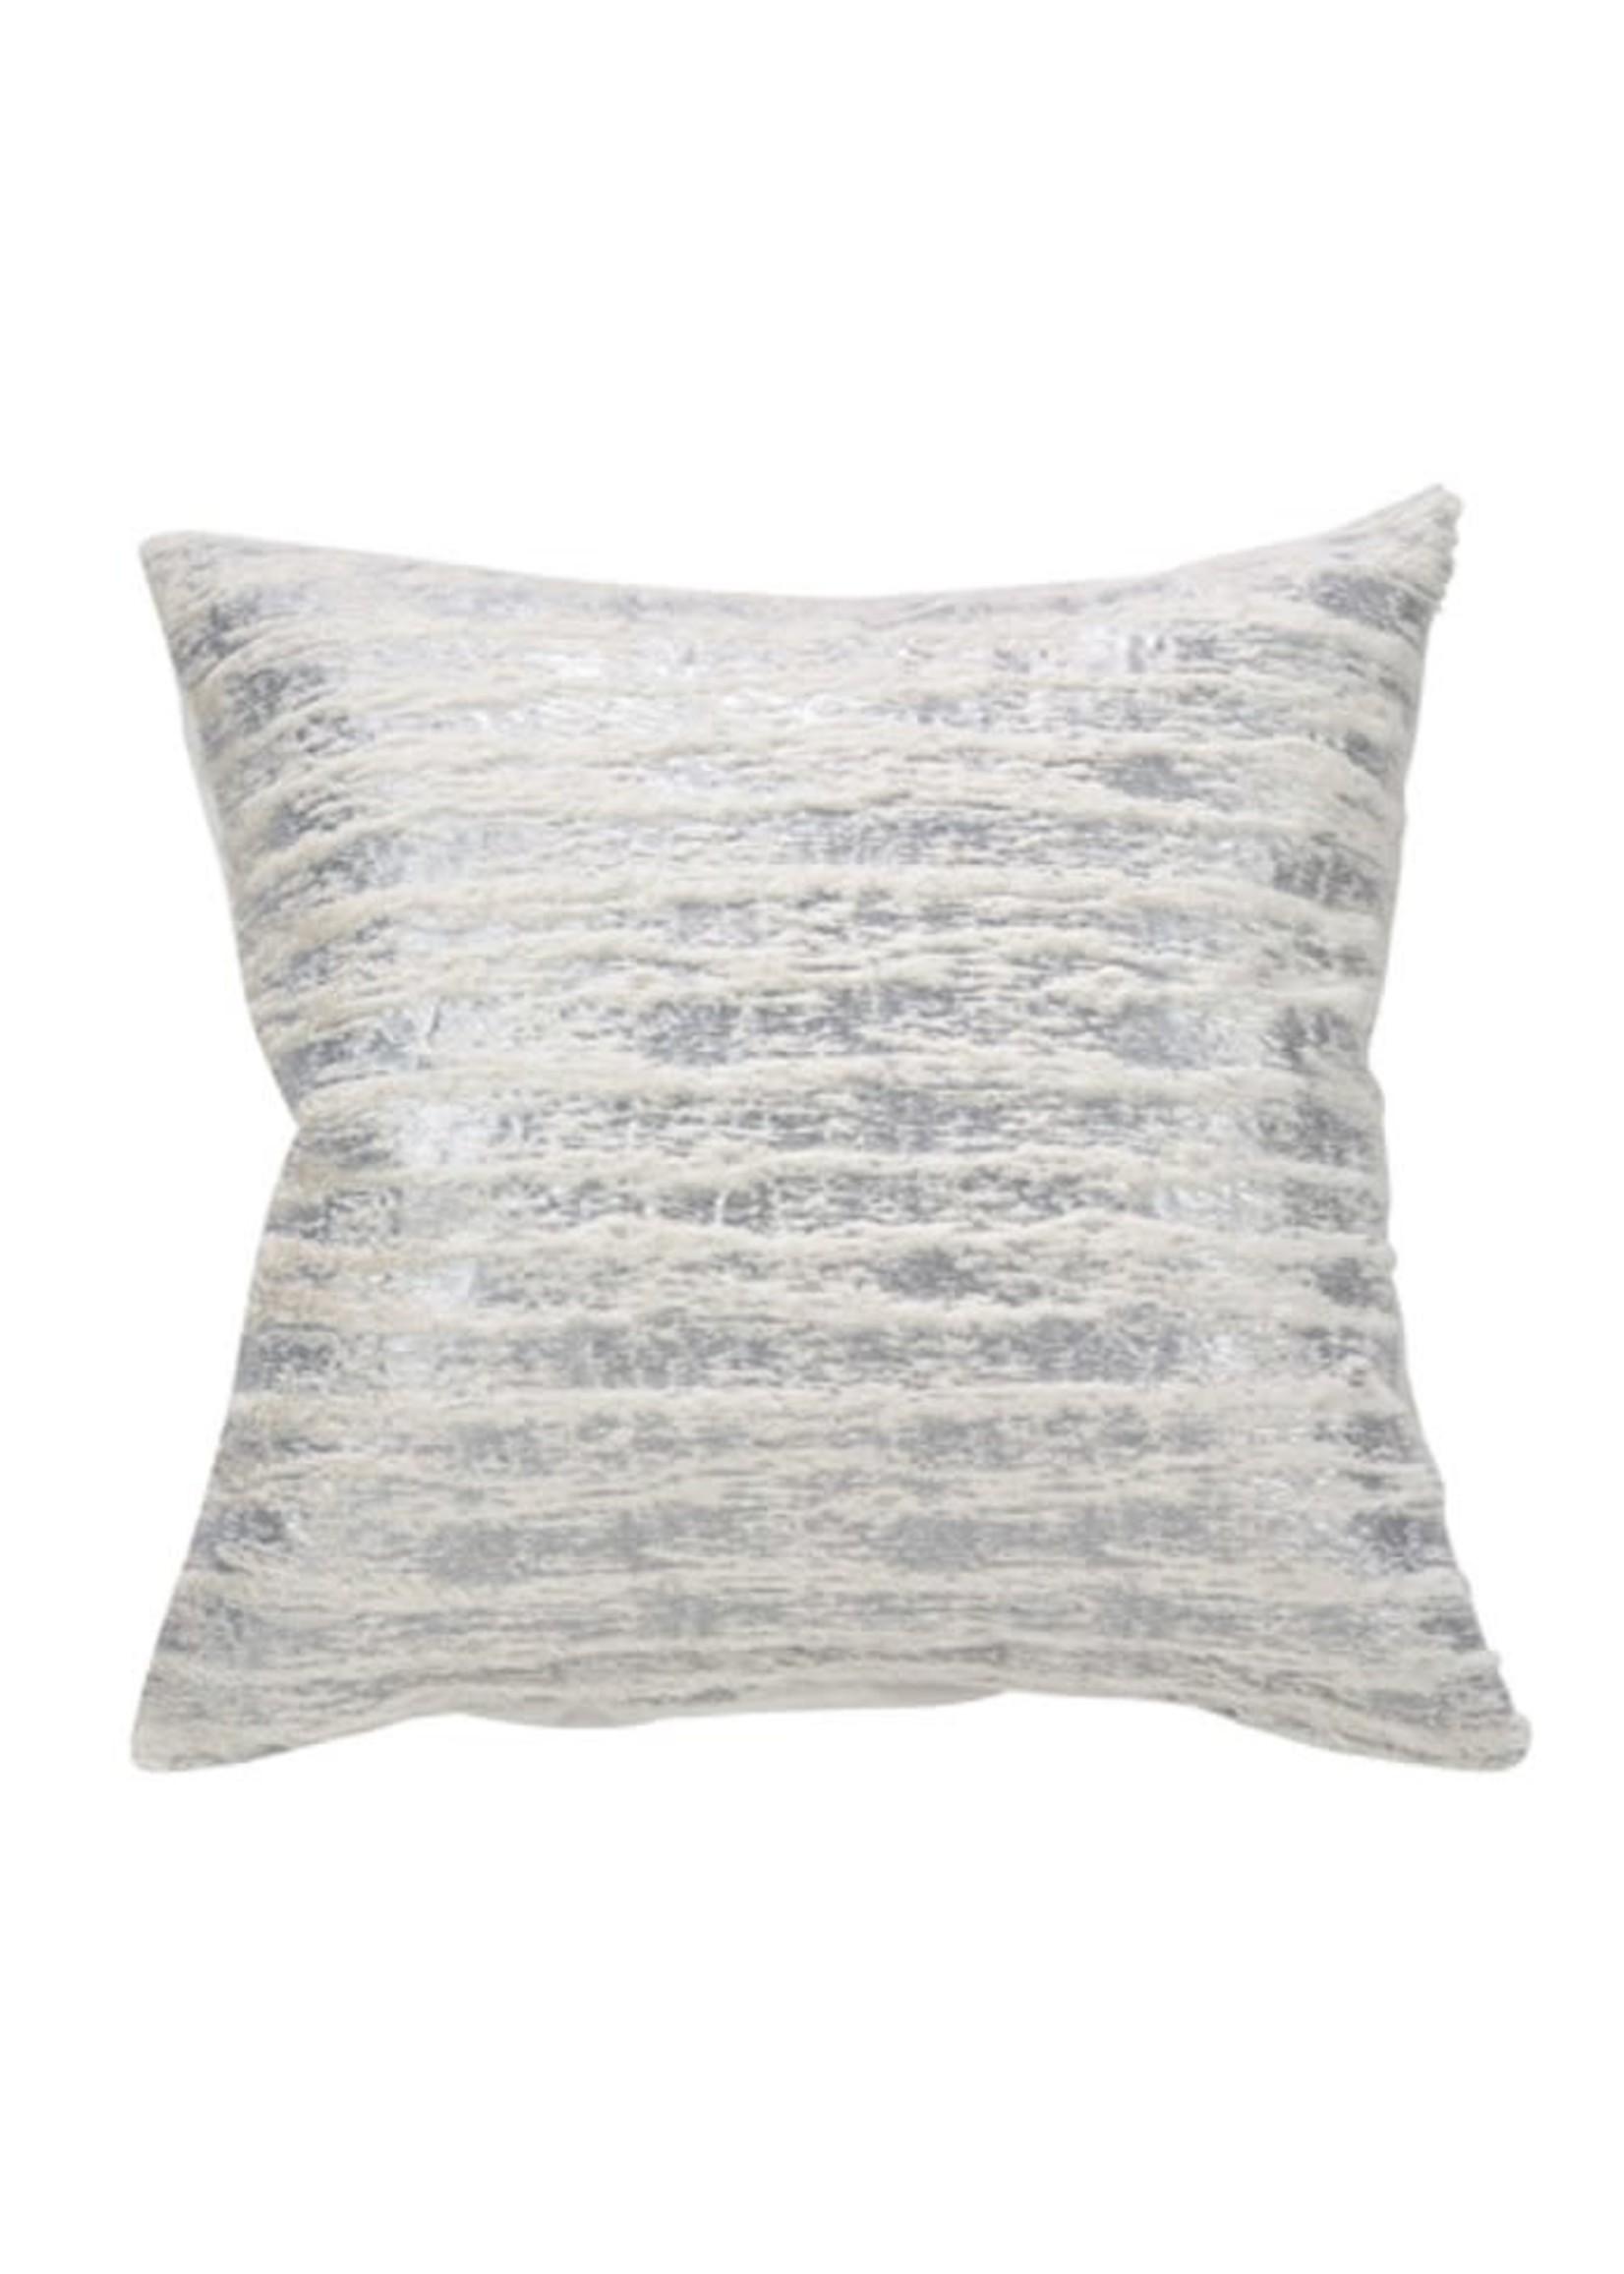 Saro SARO Foil Print Faux Fur Pillow Down Filled - Silver